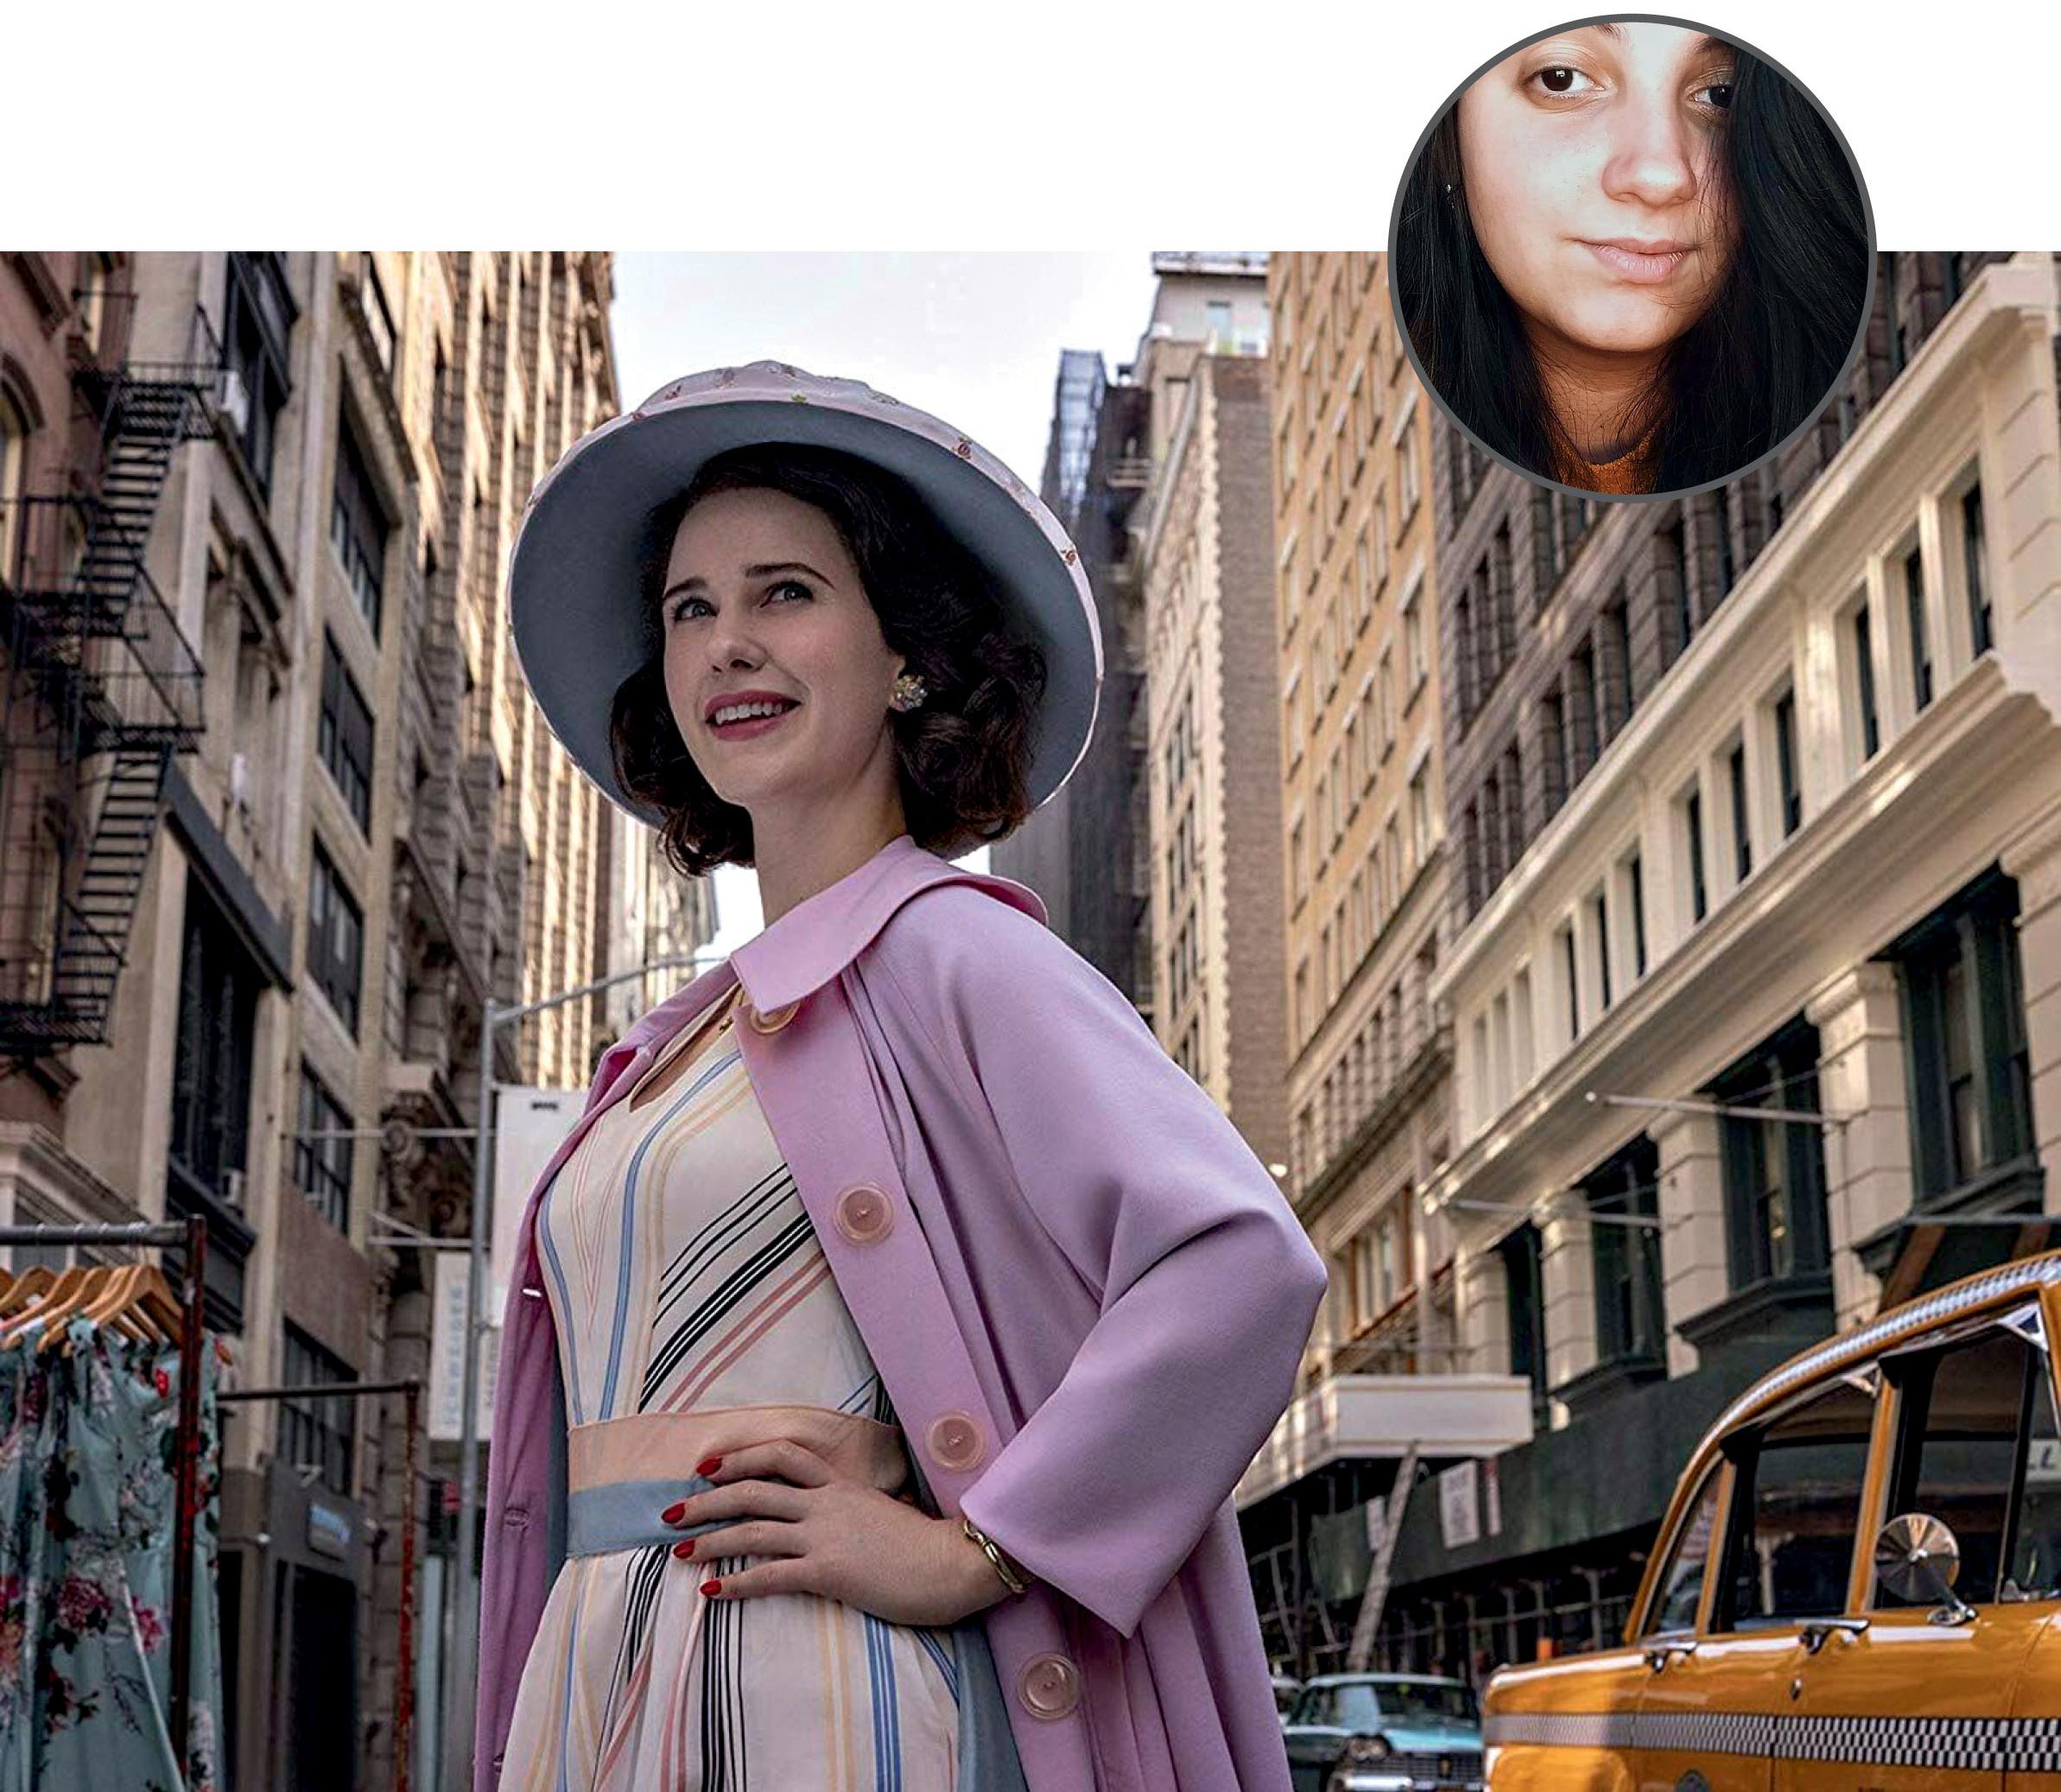 Foto de Alice com uma imagem ilustrativa da série The Marvelous Mrs. Maisel